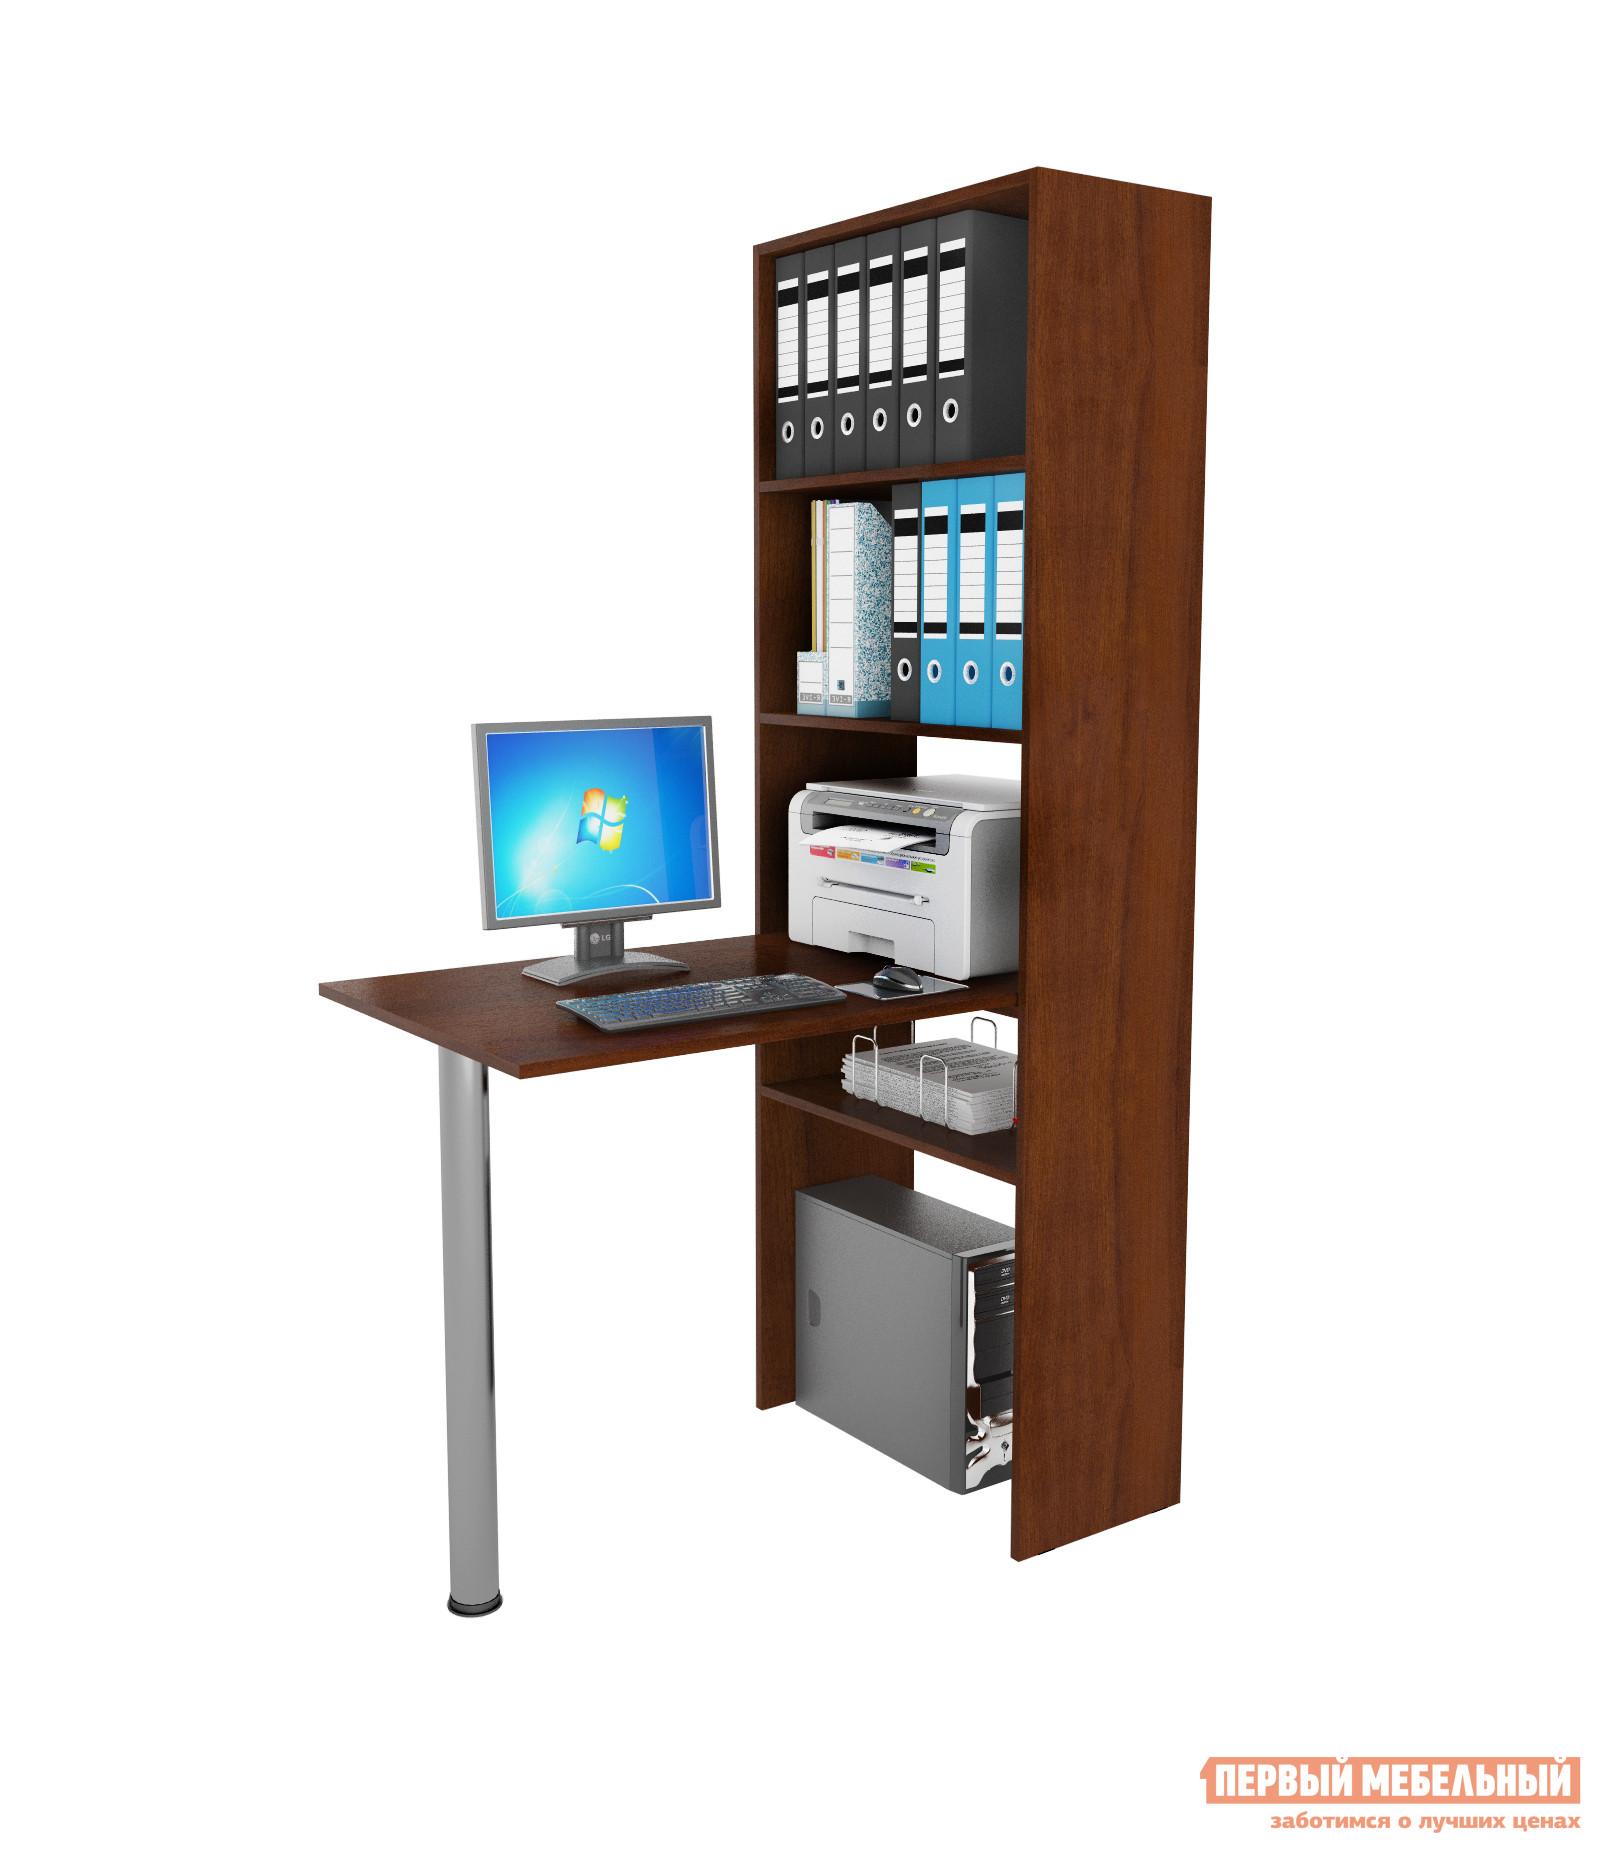 Угловой компьютерный стол МФ Мастер Рикс-4 + Рикс-6 компьютерный стол со стеллажом мф мастер 2 шт рикс 4 2 шт рикс 6